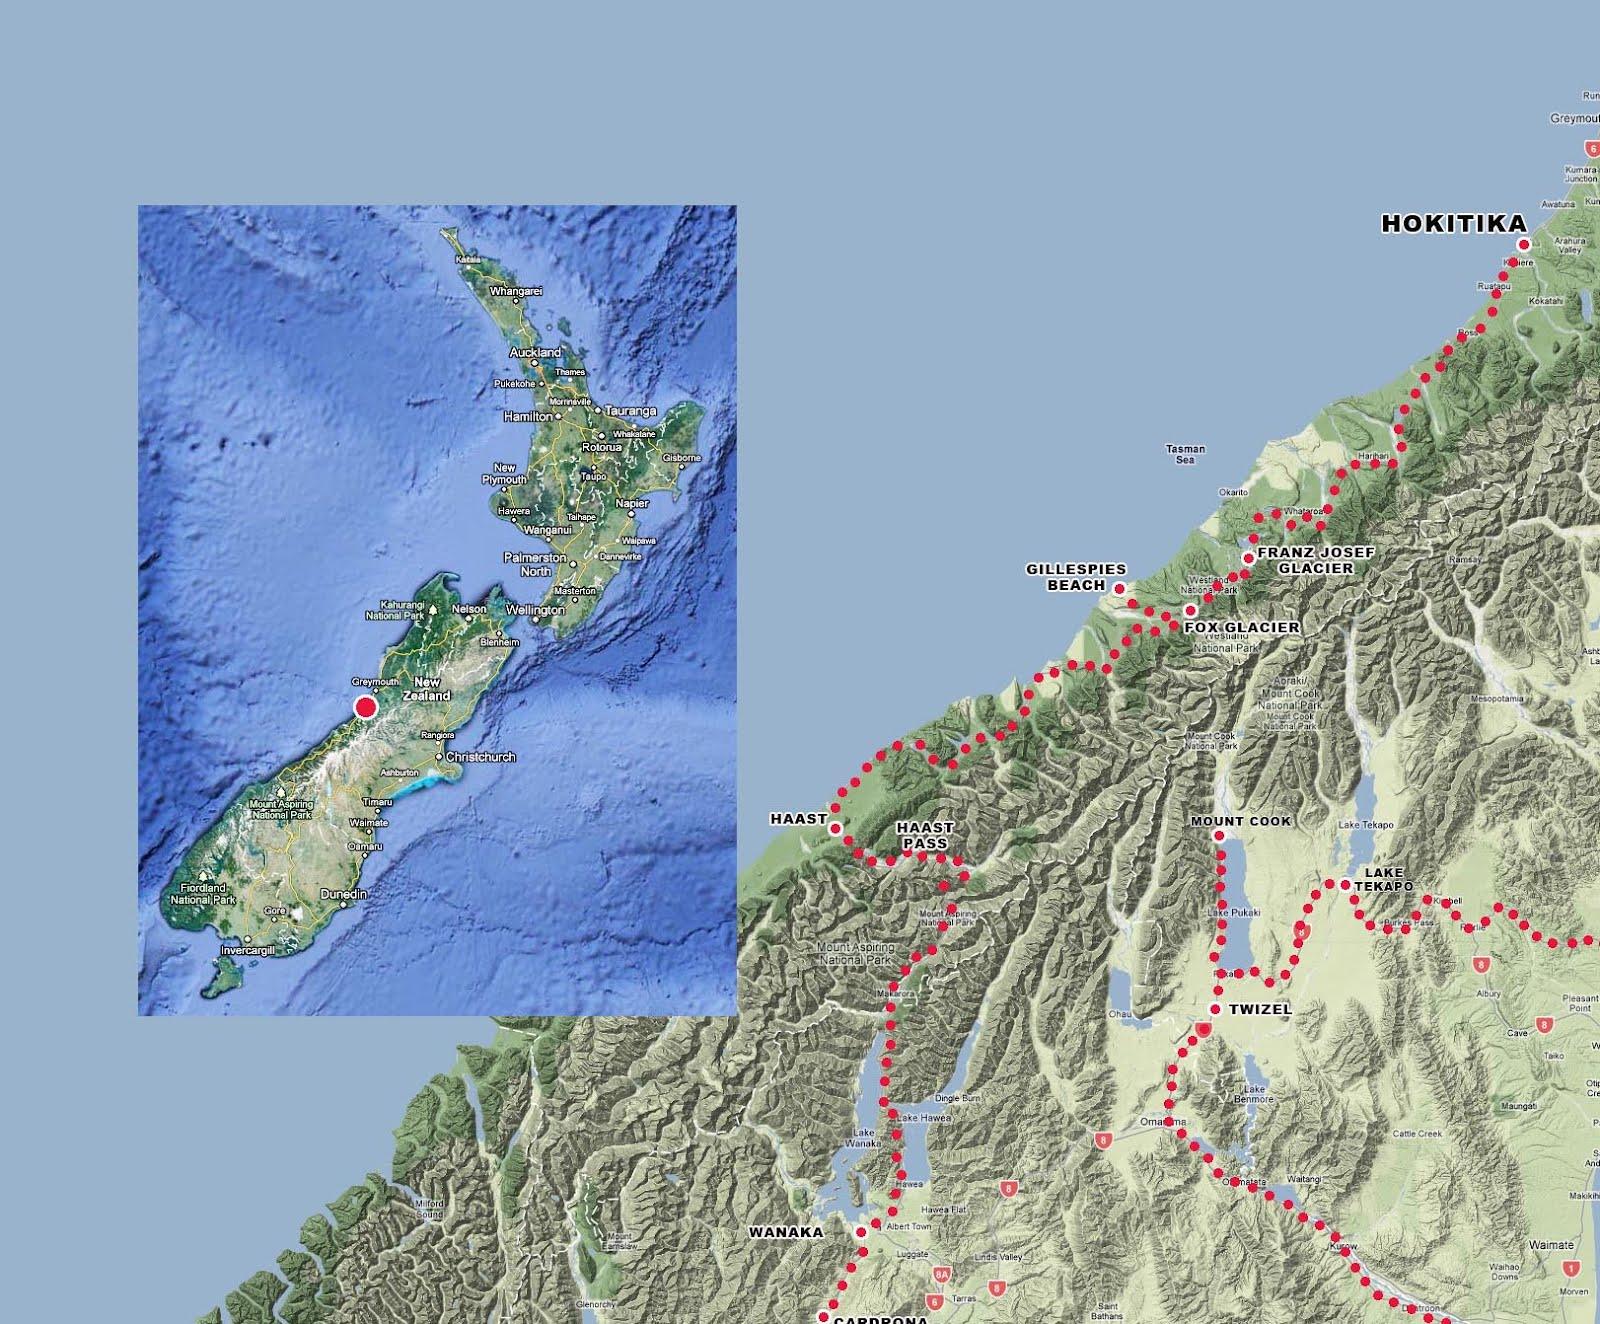 Hokitika New Zealand  city images : the bicycle diaries: Hokitika, New Zealand Green and gold